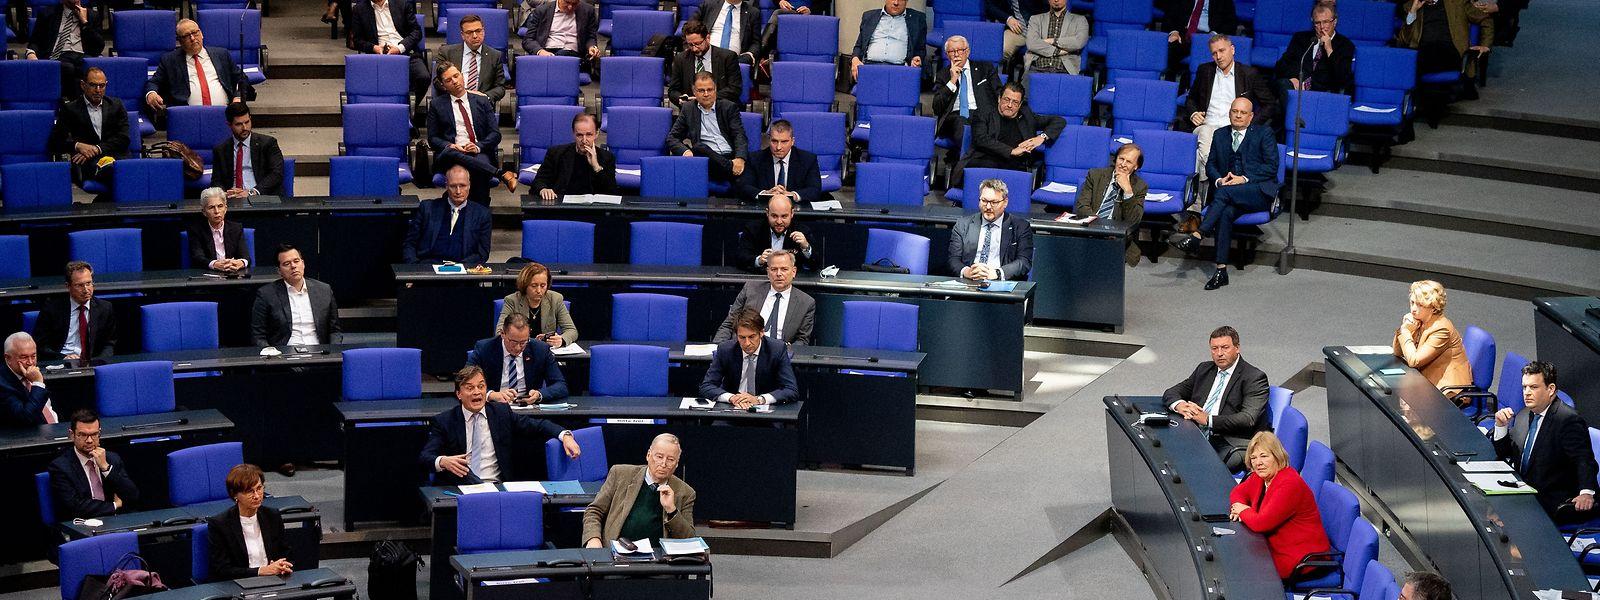 Der Deutsche Bundestag sollte bei den Beschlüssen über neue Corona-Maßnahmen eine stärkere Rolle spielen.